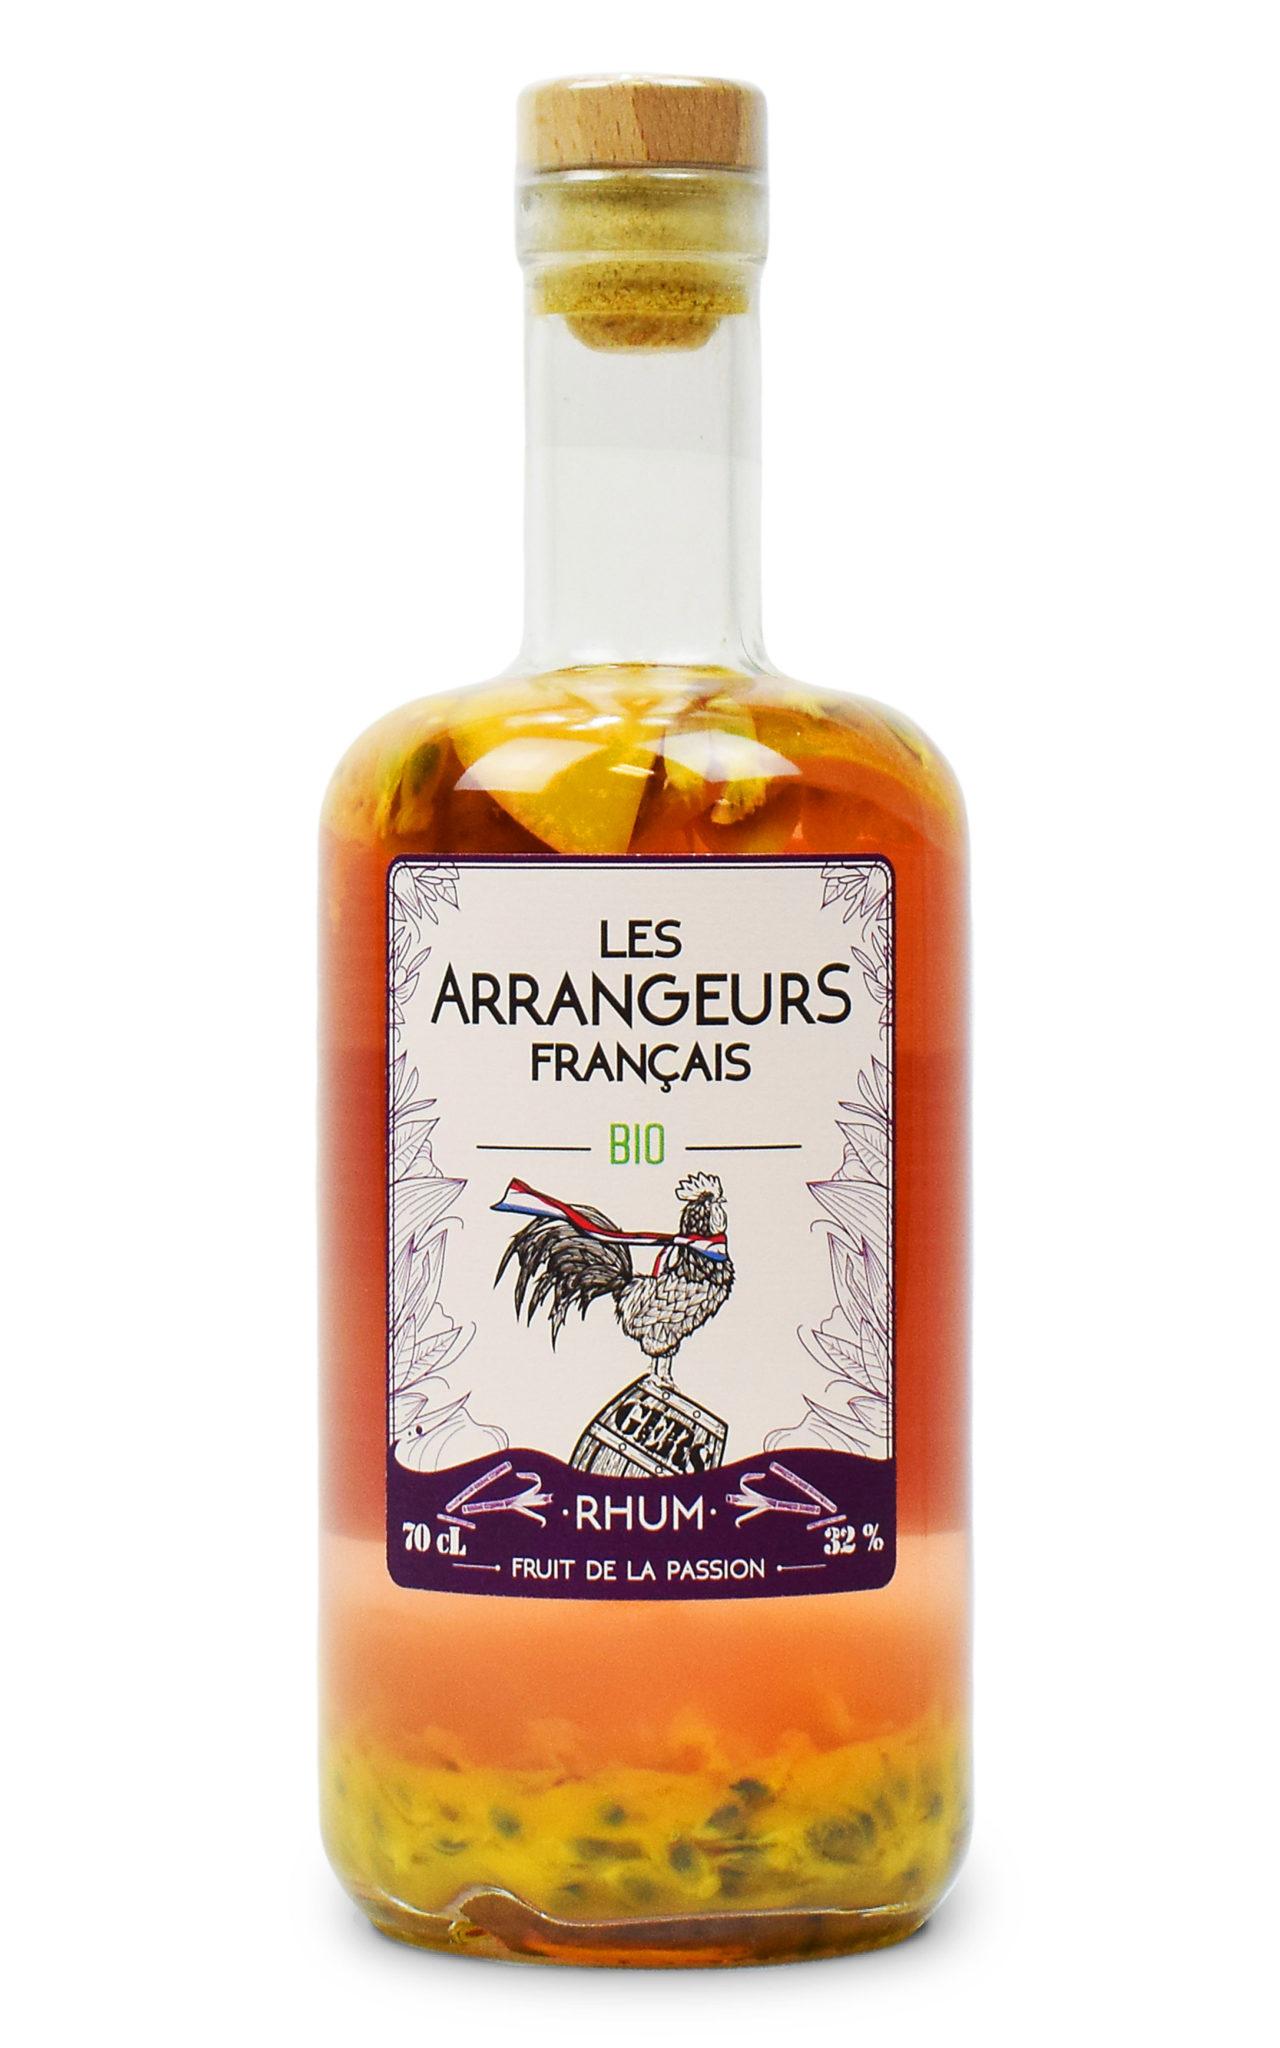 rhum arrangé fruit de la passion bio bouteille les arrangeurs francais bouteille fabriquée dans le gers artisan